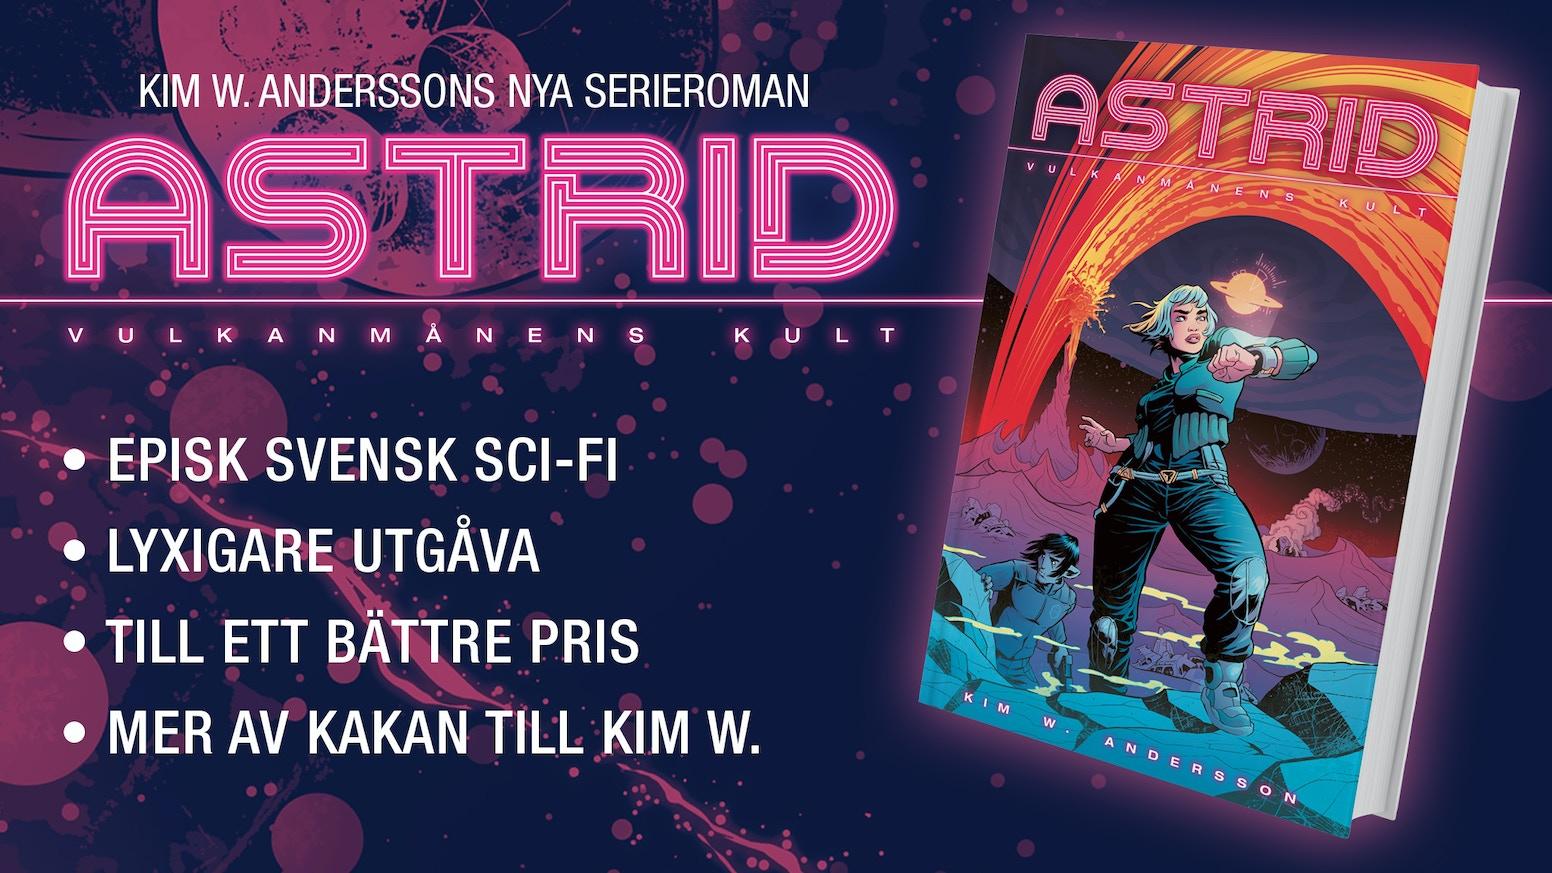 Kim W. Anderssons nya serieroman ASTRID: Vulkanmånens kult släpps 4 november 2016 på Comic Con Stockholm. Den här kampanjen gjorde boken till en lyxig utgåva med exklusiva erbjudanden. Klicka nedan om du missade!